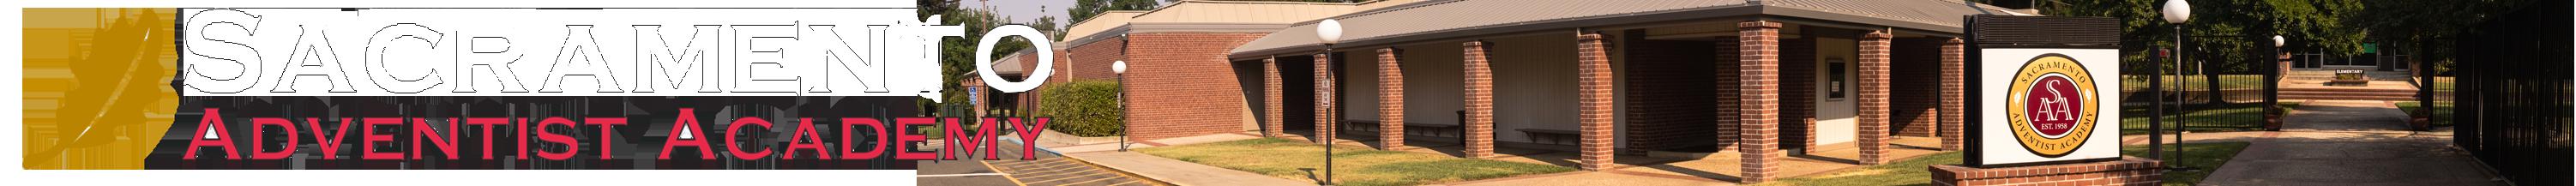 Sacramento Adventist Academy